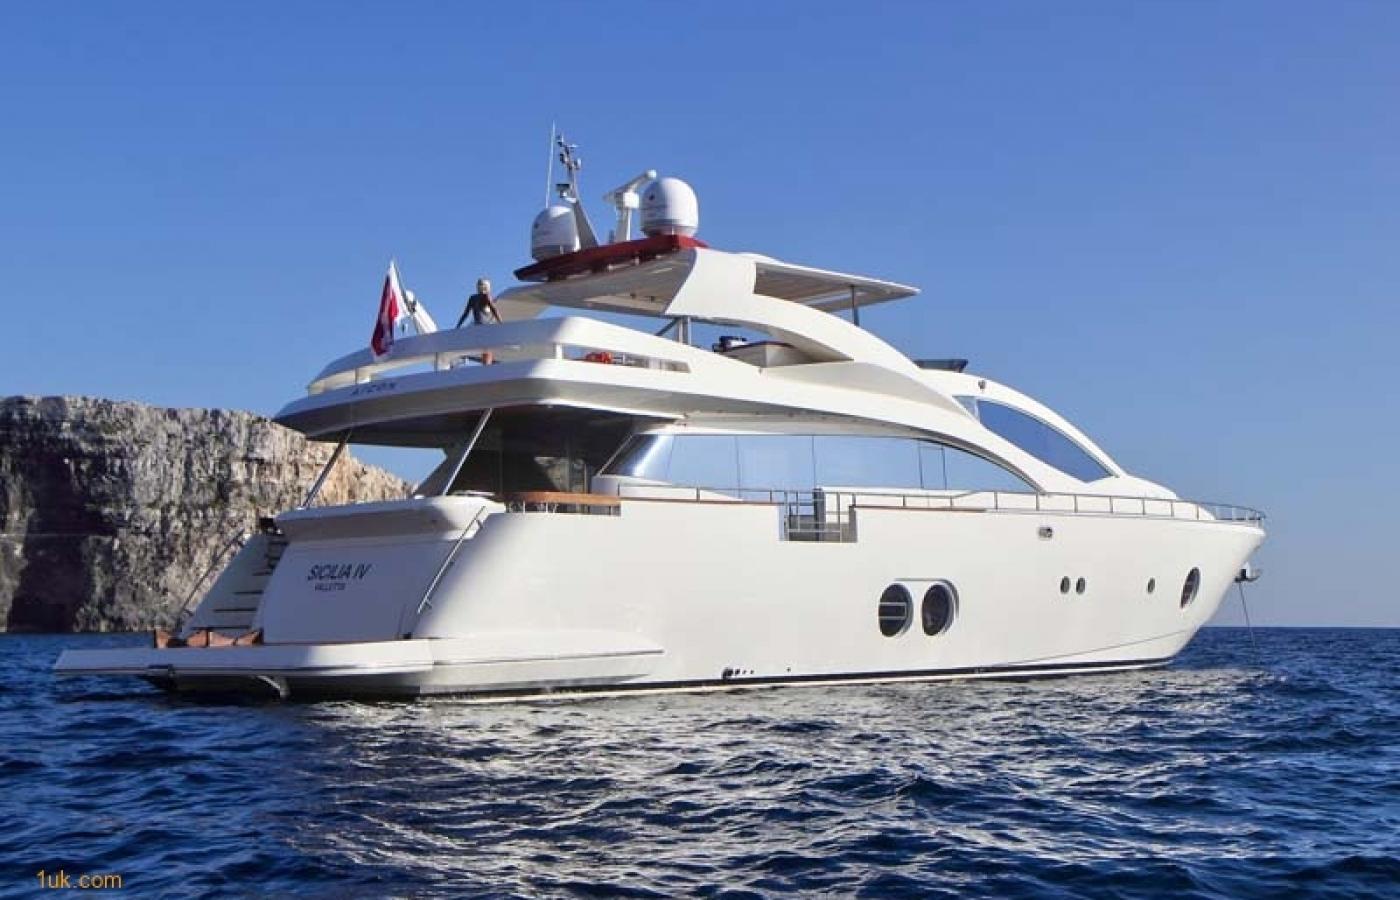 Yacht Charter in Ibiza.